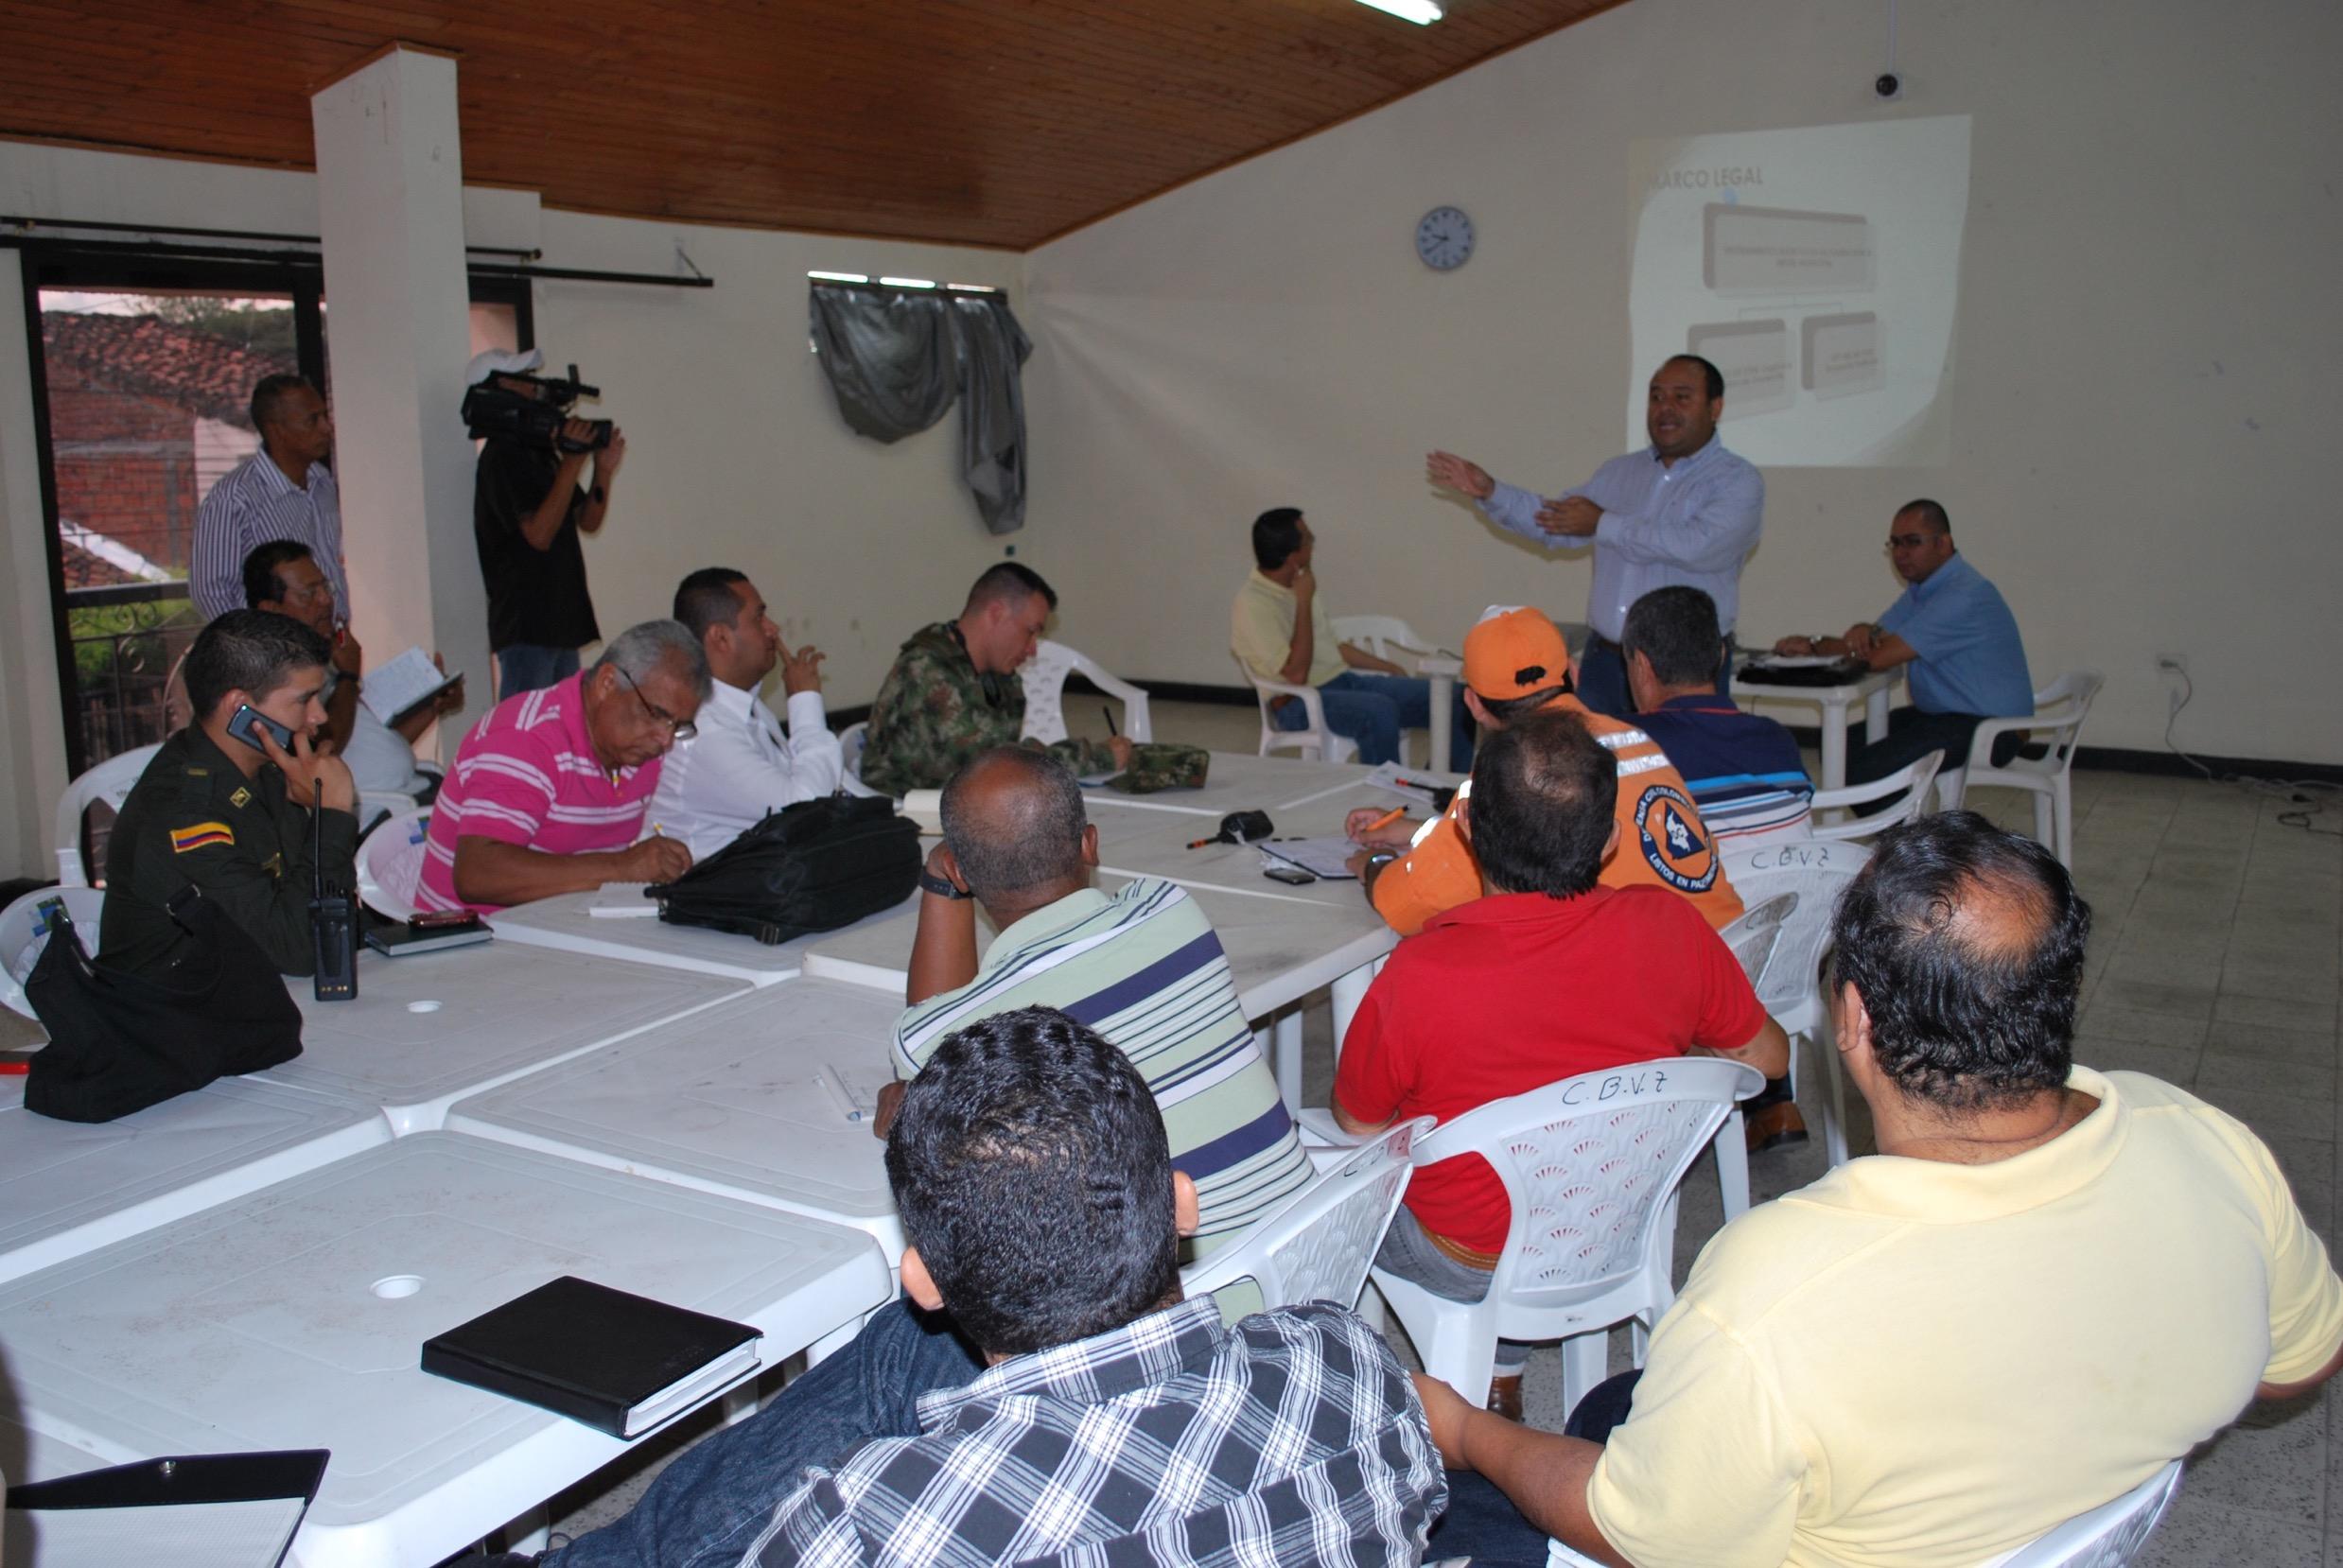 Cortesía: Fundación Caicedo González Riopaila Castilla